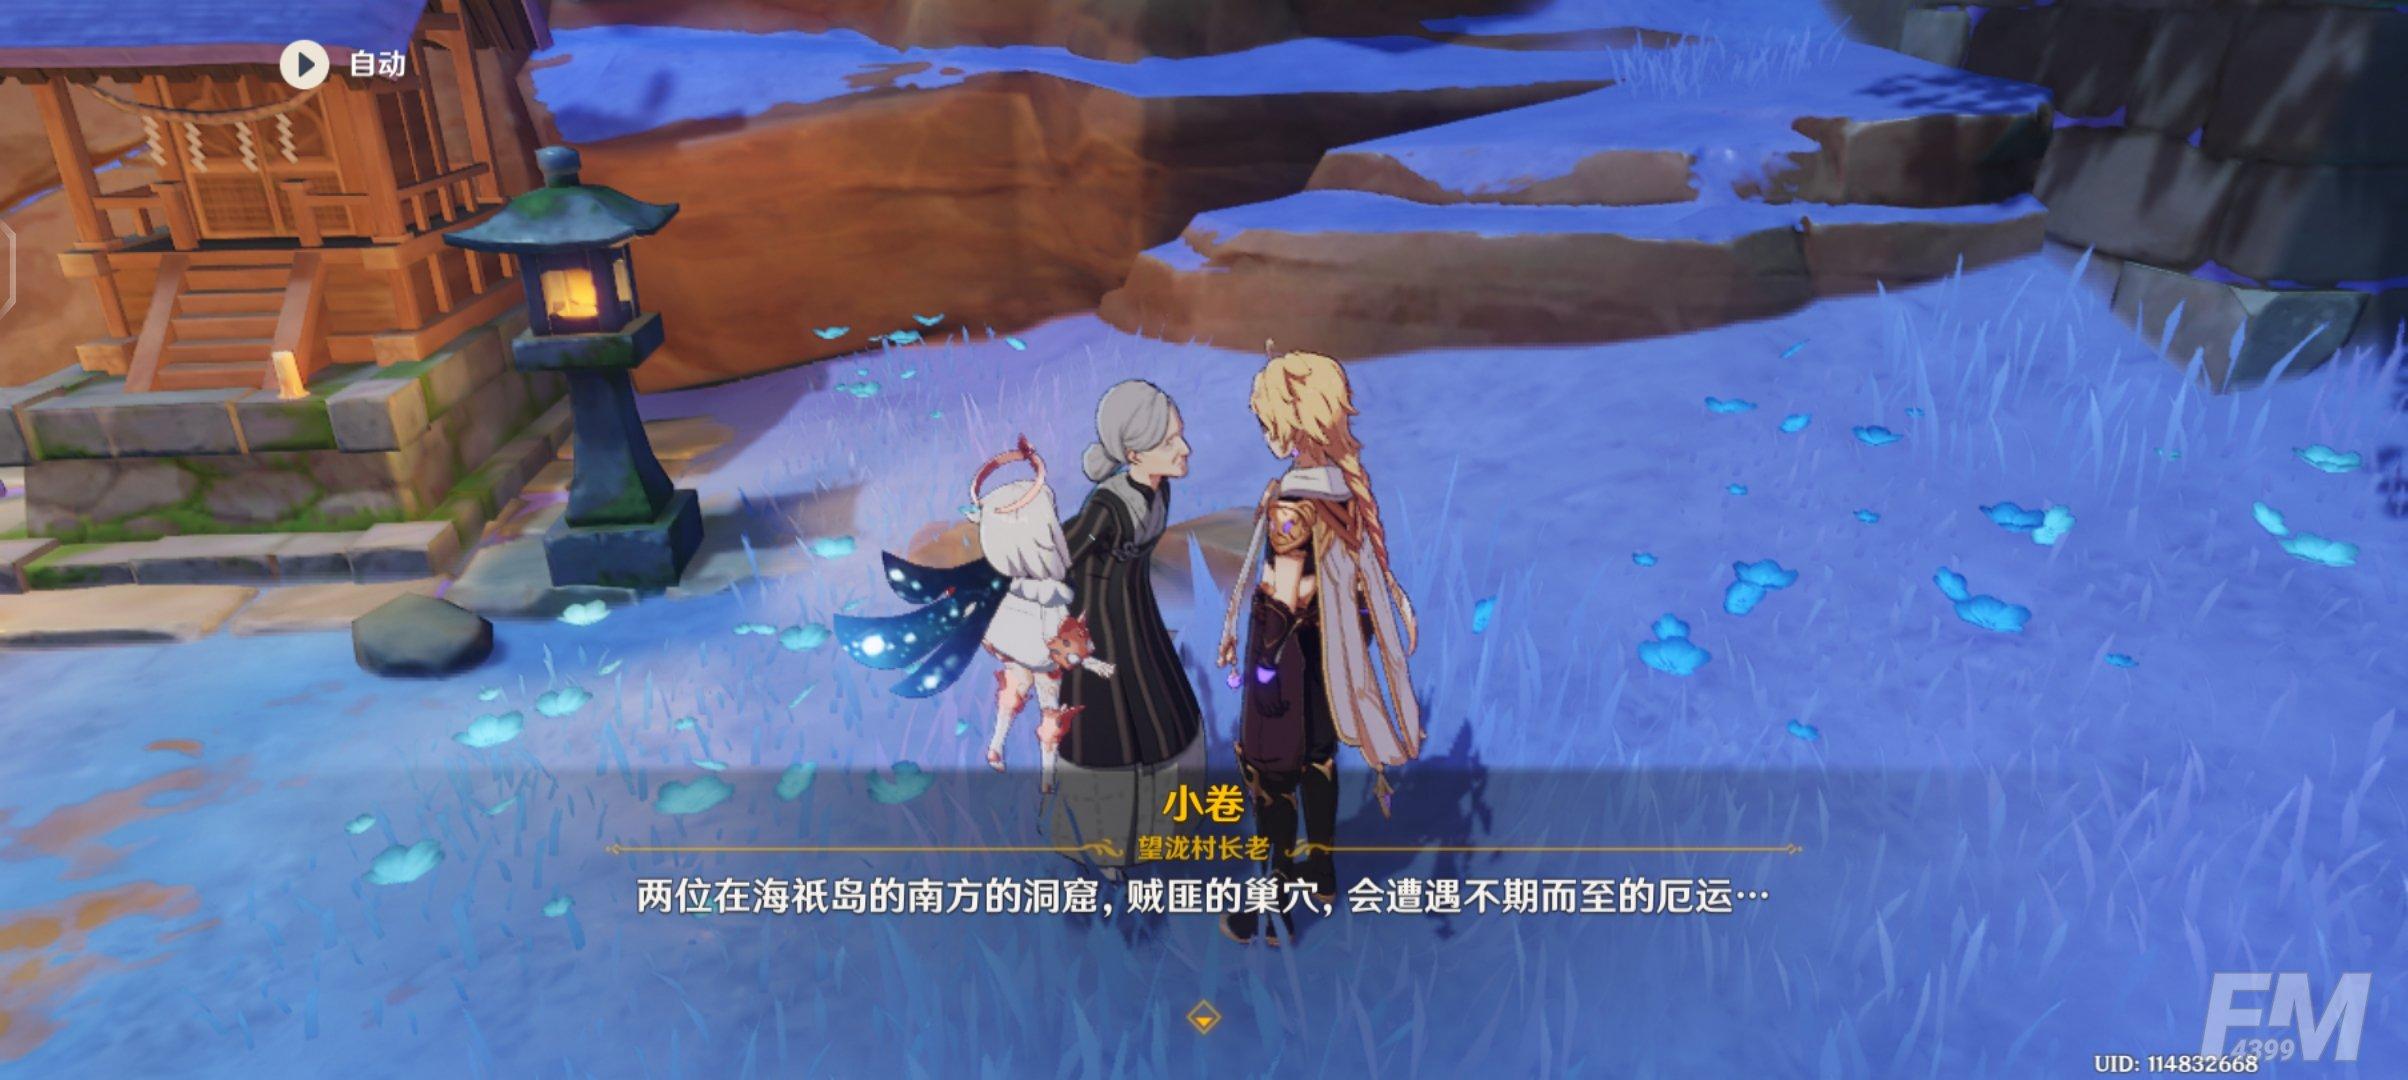 原神海渊仙草灵验记宝箱在哪?